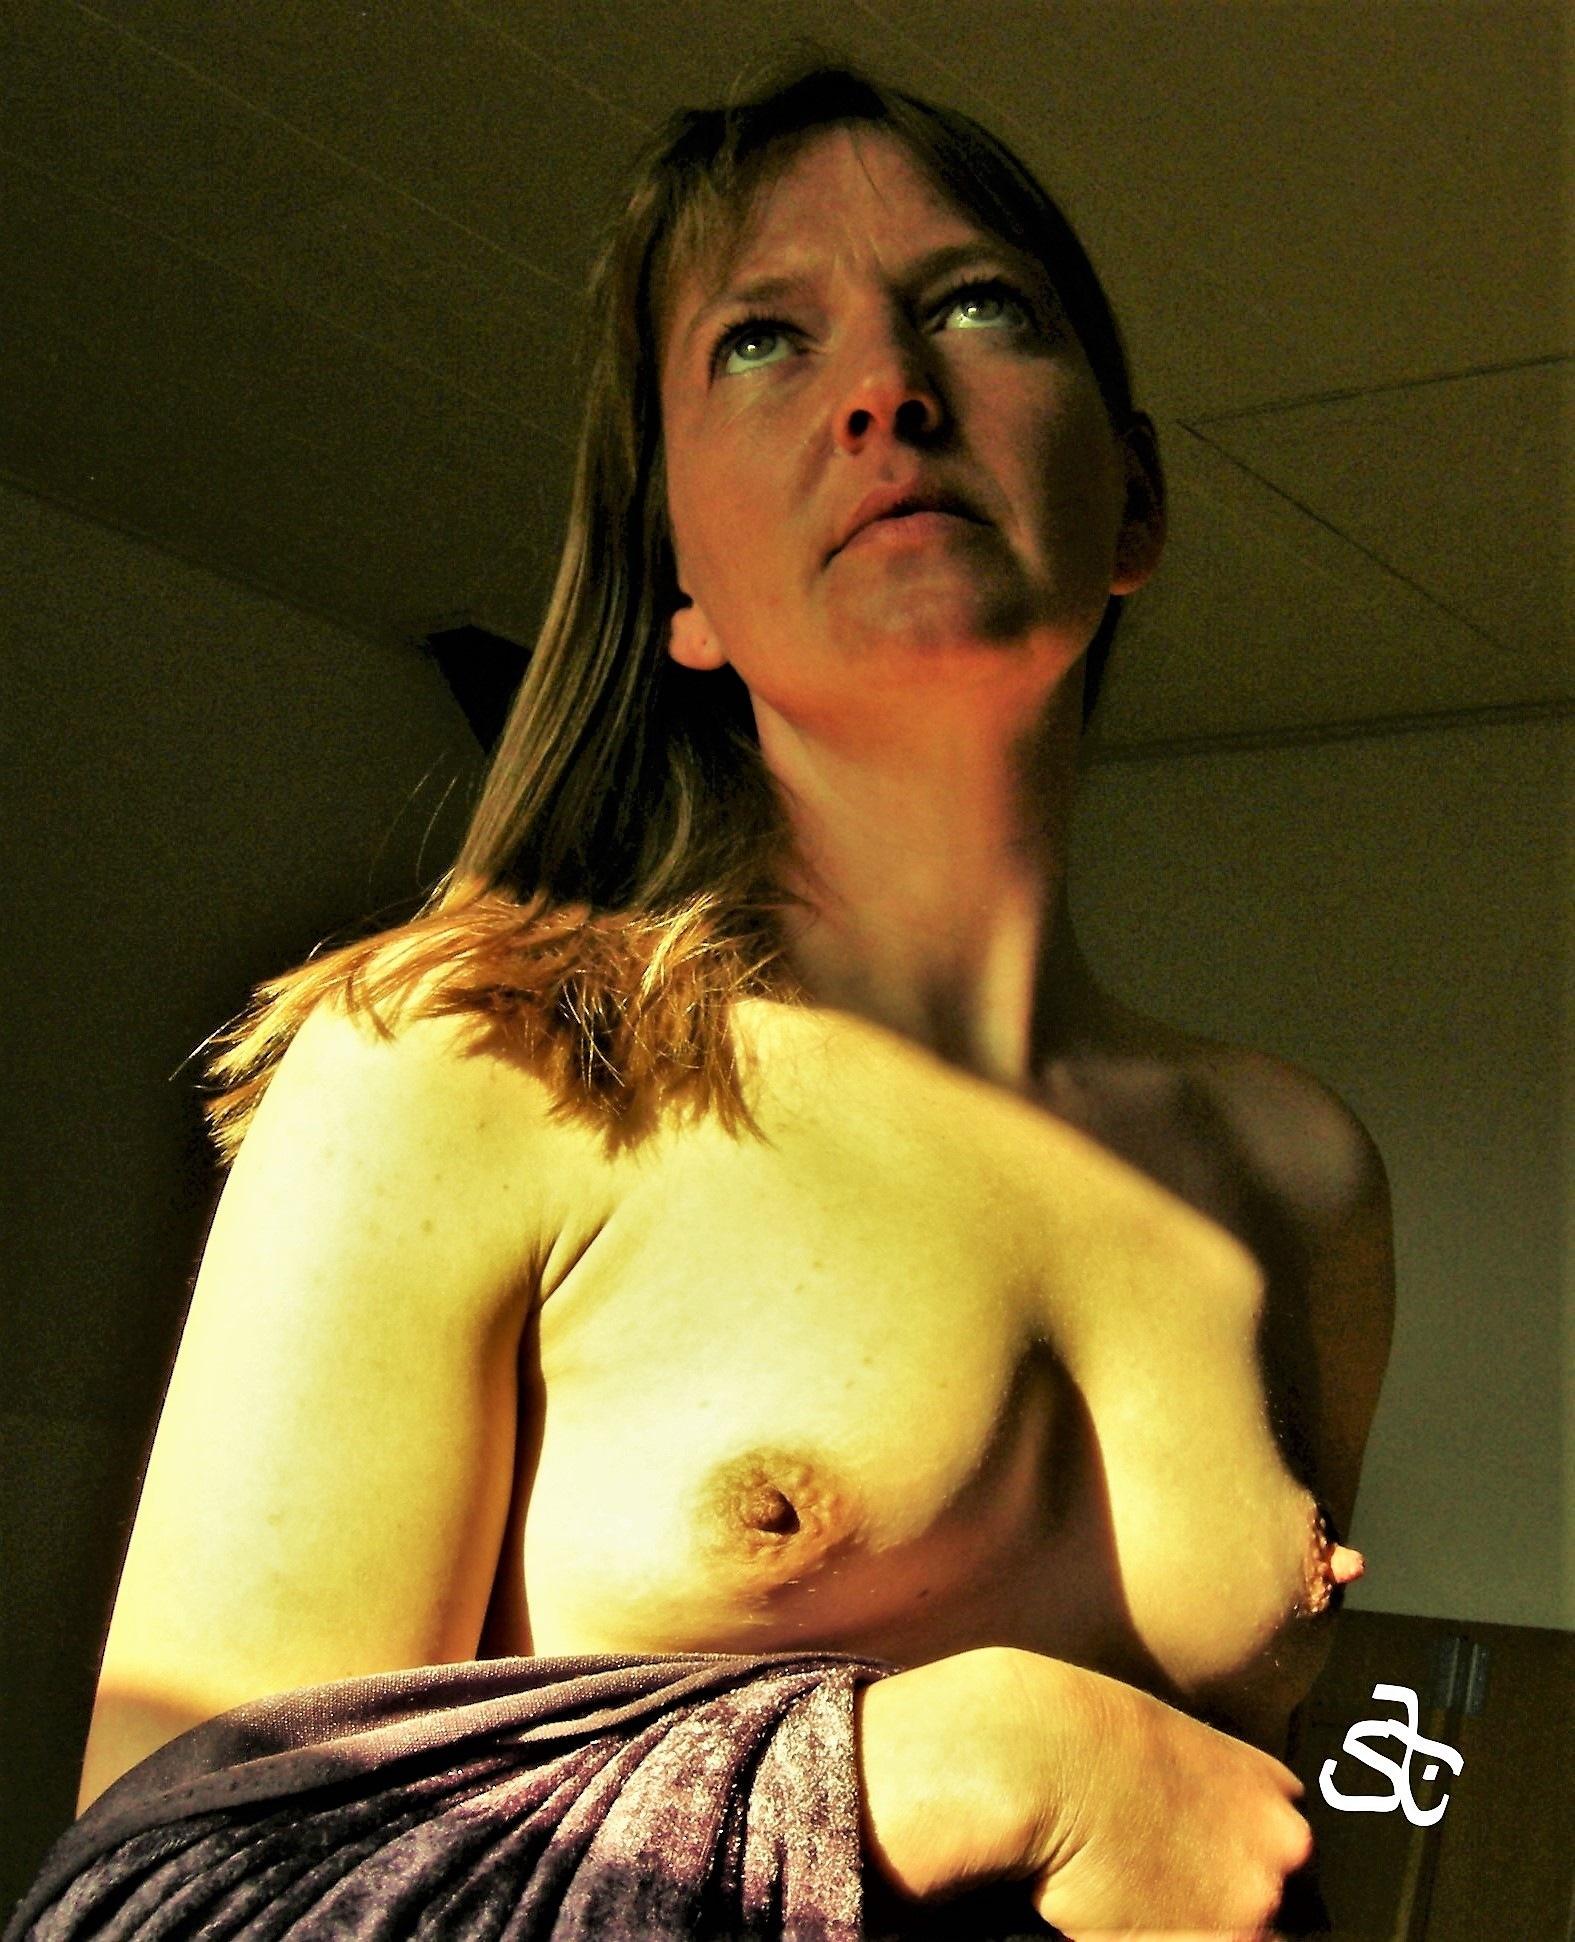 Topless - portrait 2. by Joergen Hansen